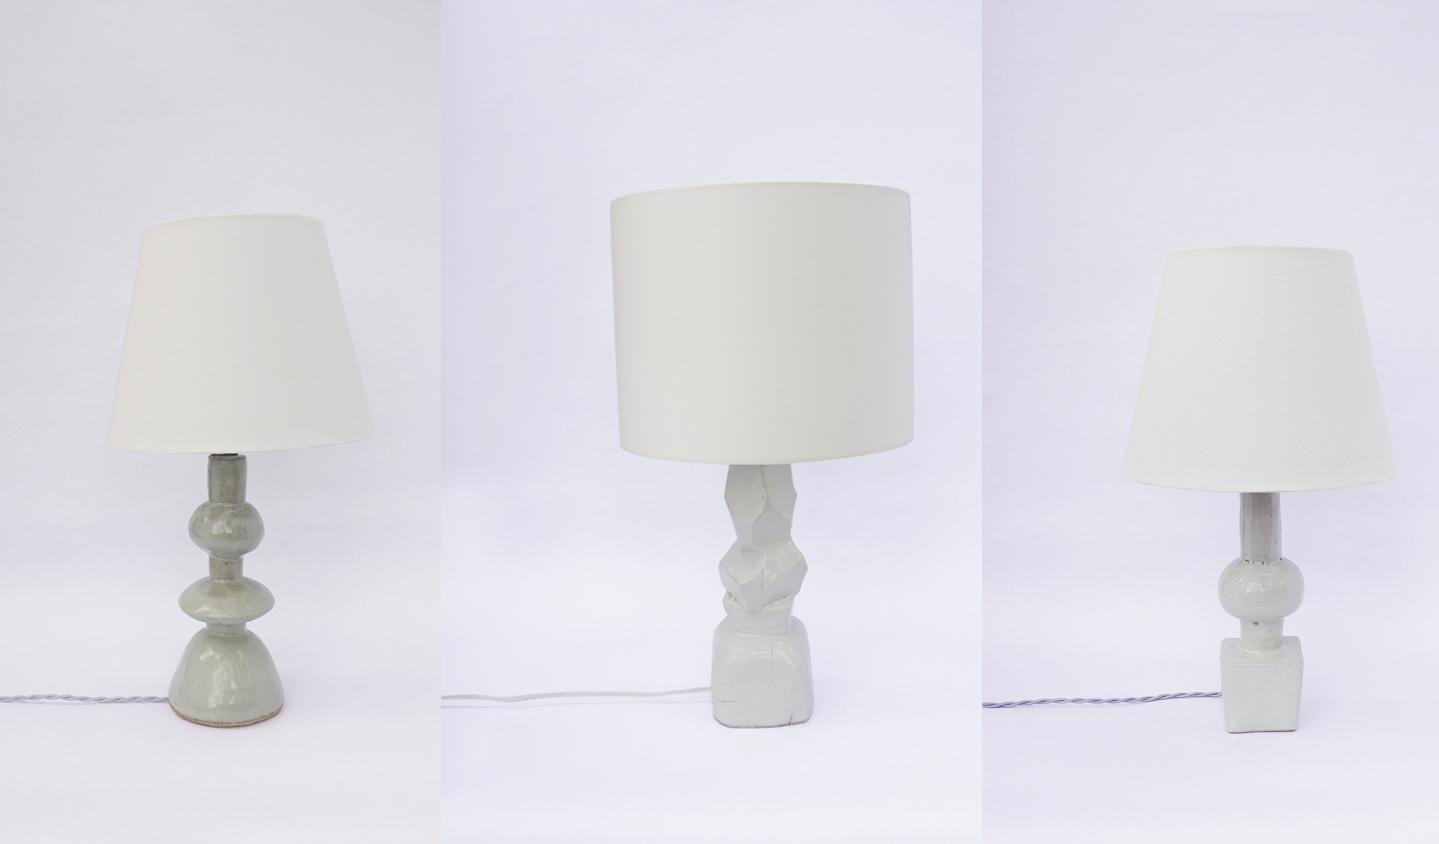 White Lampe Series_for Web.jpg